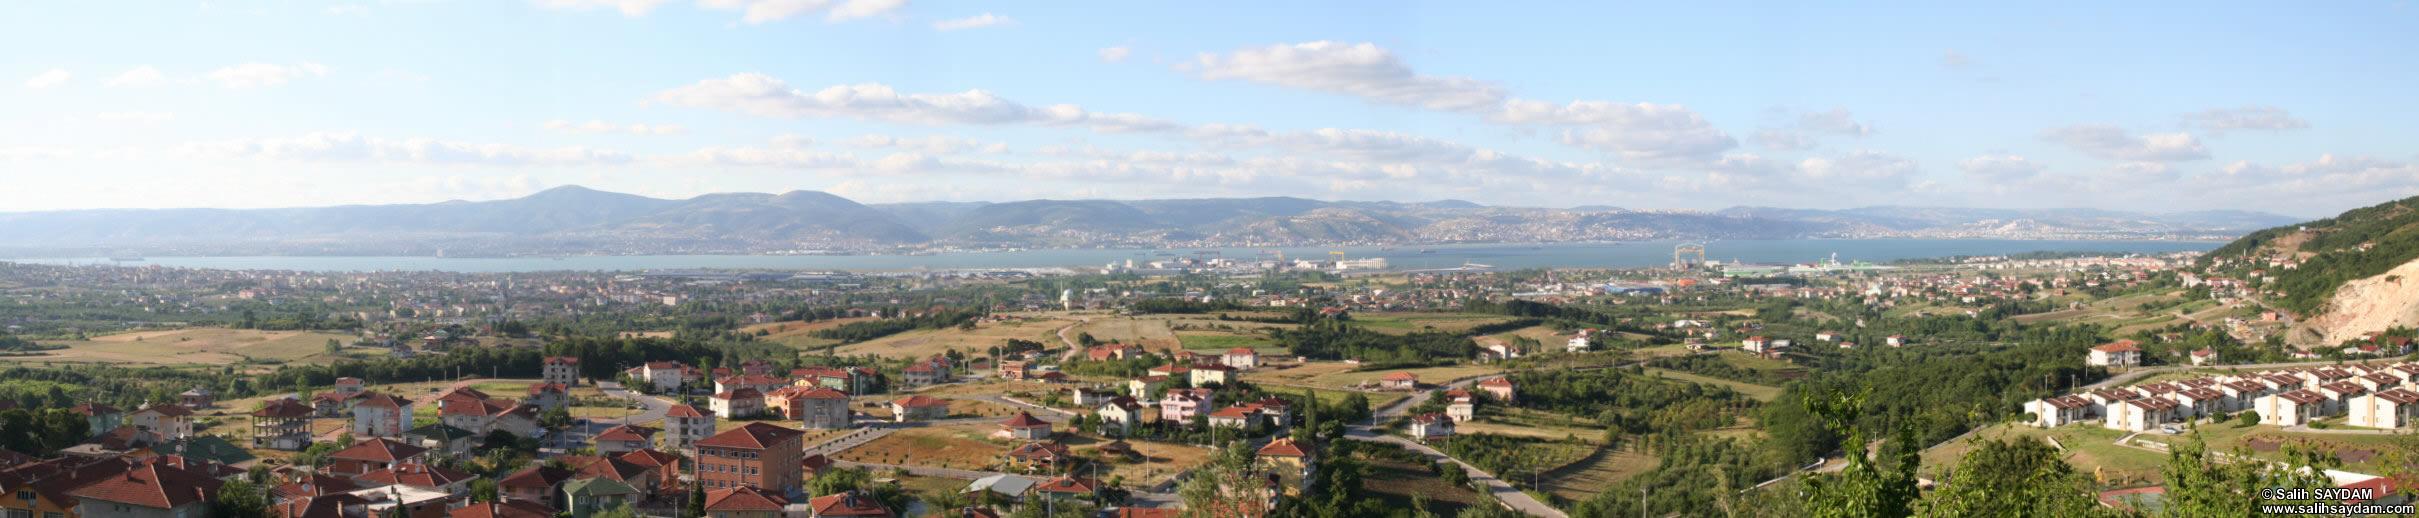 Panorama of Izmit Bay (Kocaeli (Izmit)) Bay